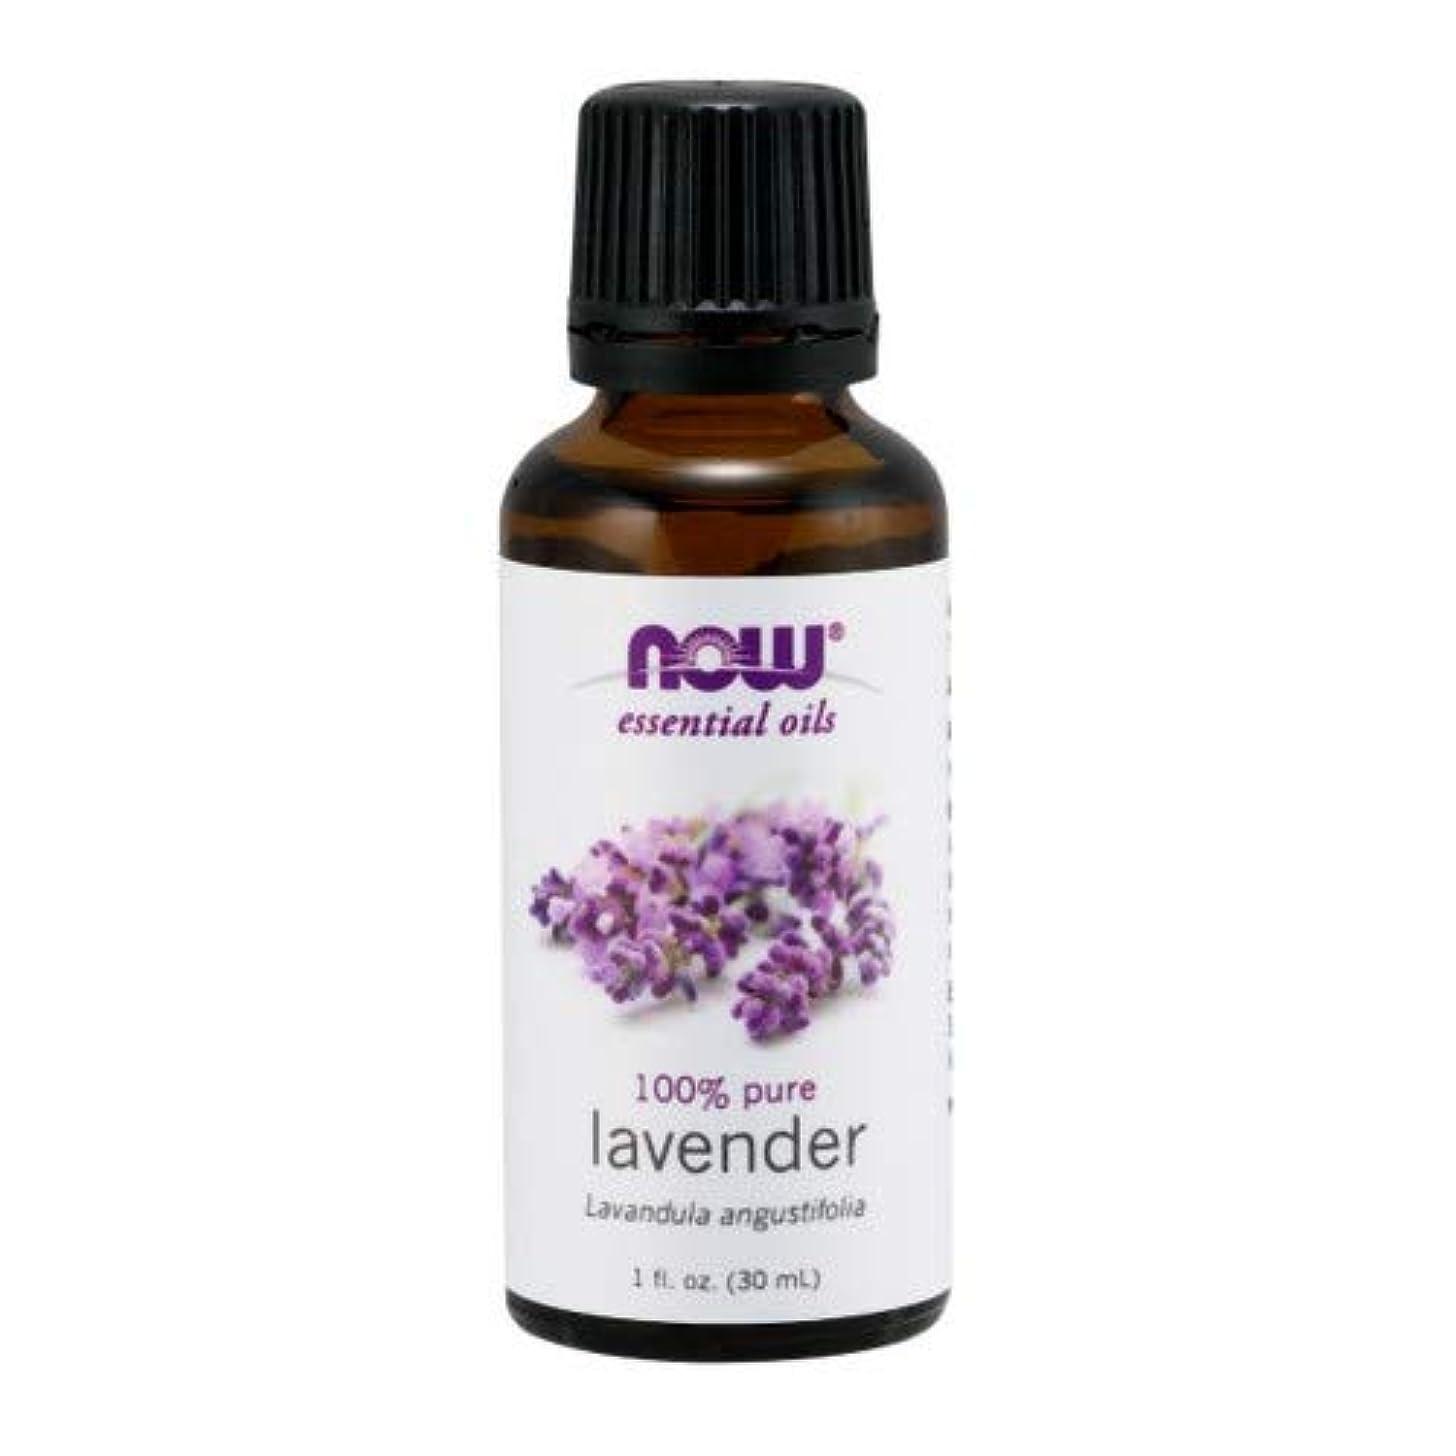 その編集する素子エッセンシャルオイル ラベンダーオイル 30ml 2個セット ナウフーズ 並行輸入品 NOW Foods Essential Oils Lavender 1 oz Pack of 2